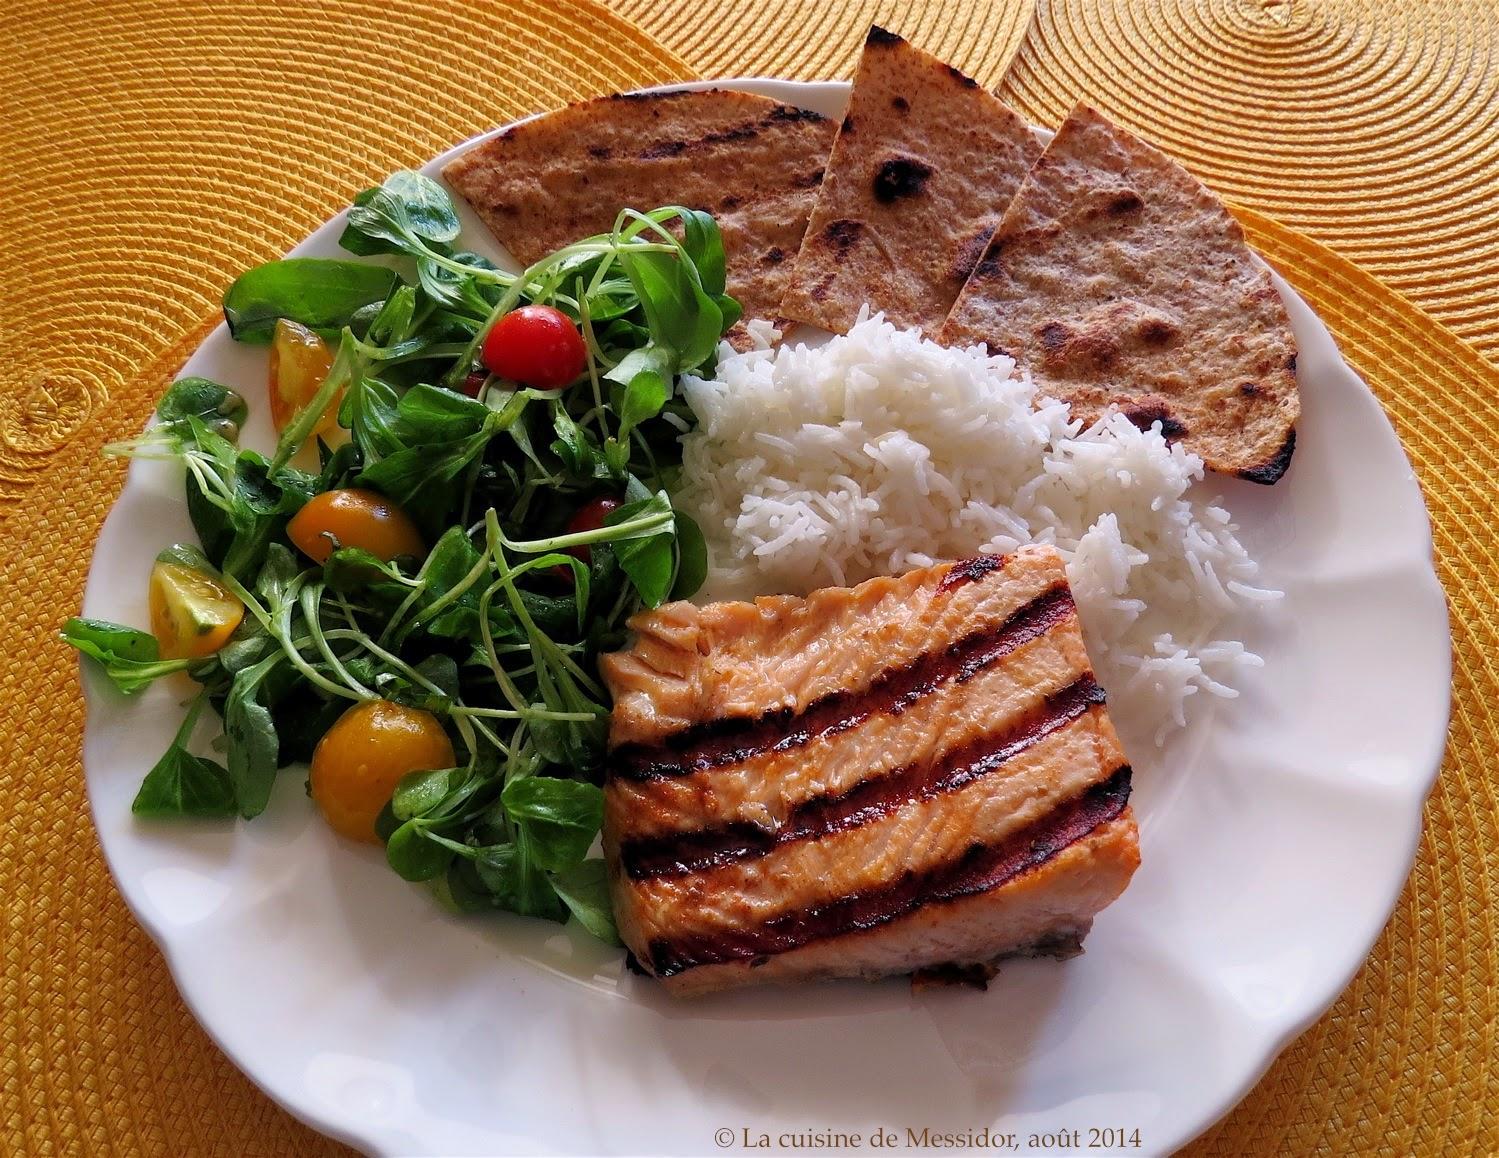 La cuisine de messidor pav s de saumon grill s la - Comment cuisiner des paves de saumon ...